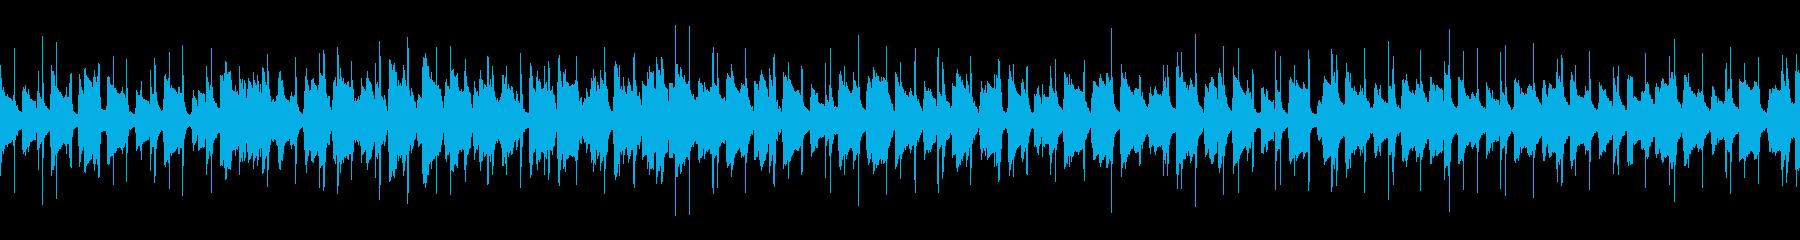 ほのぼの可愛い口笛ギターポップ/ループ可の再生済みの波形